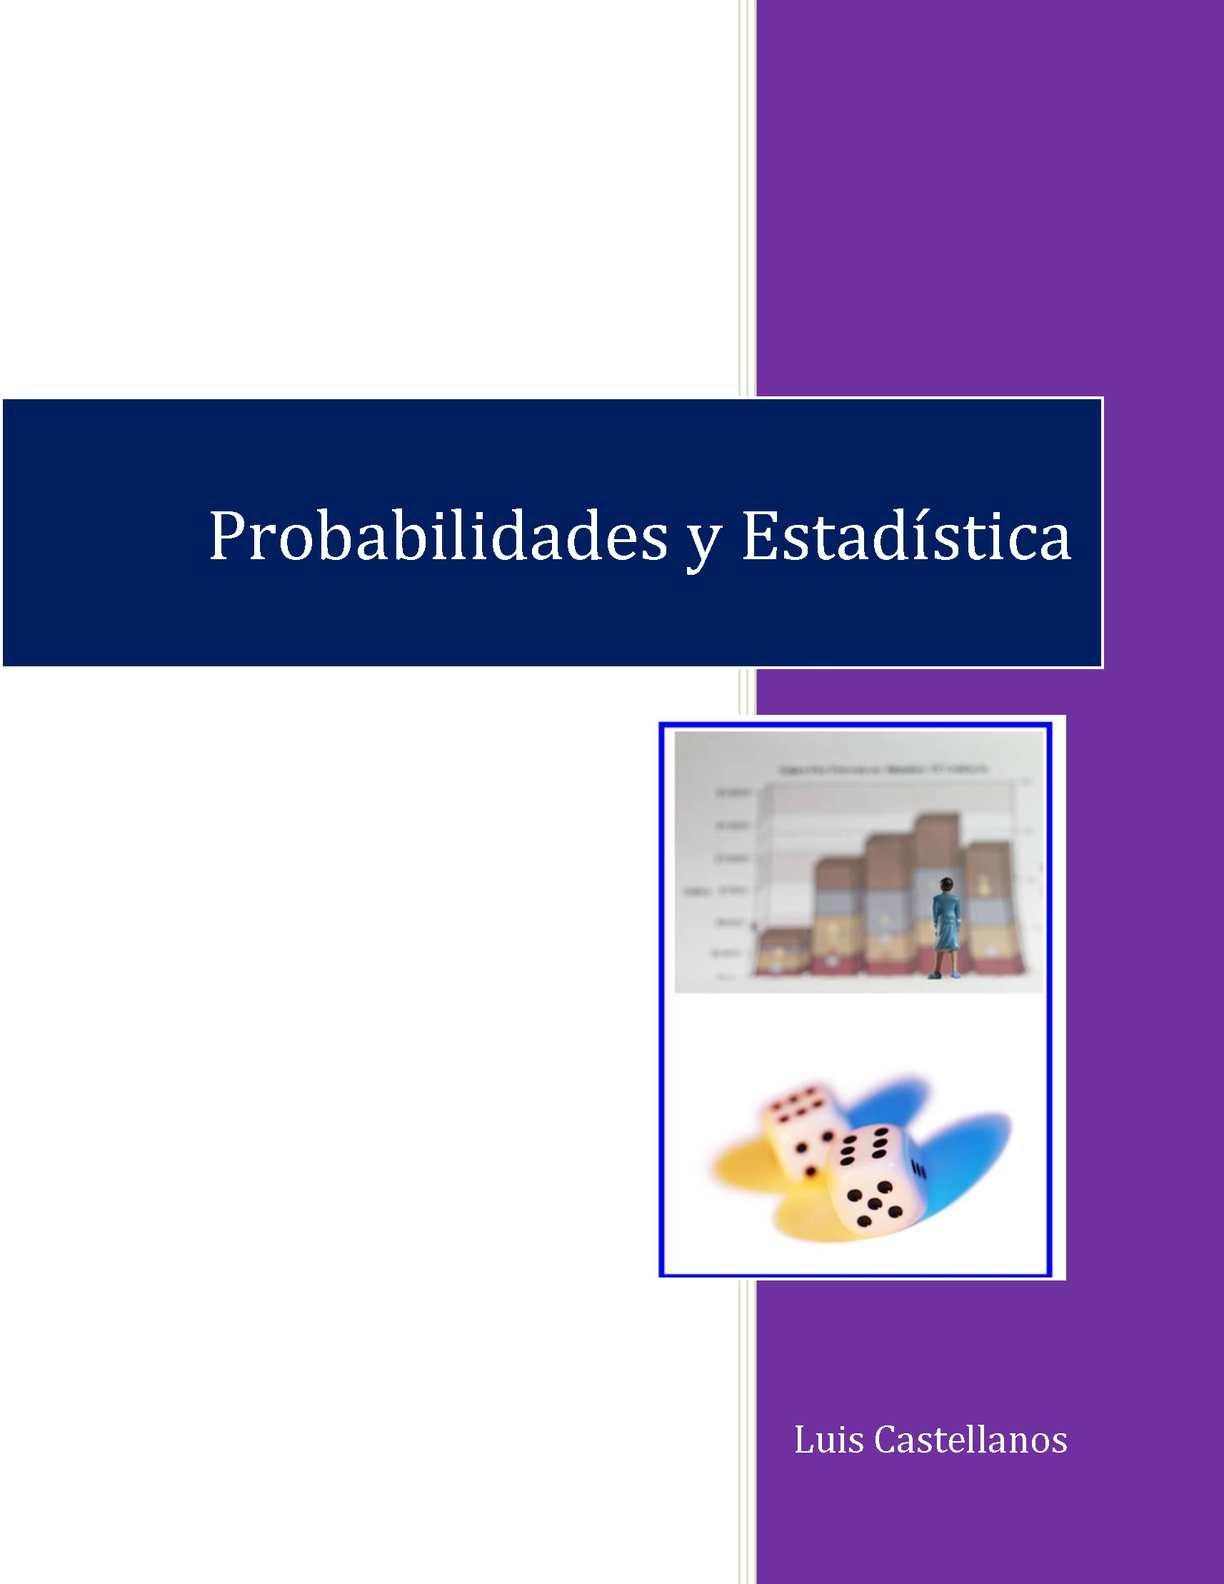 Probabilidades y Estadística - Luis Castellanos